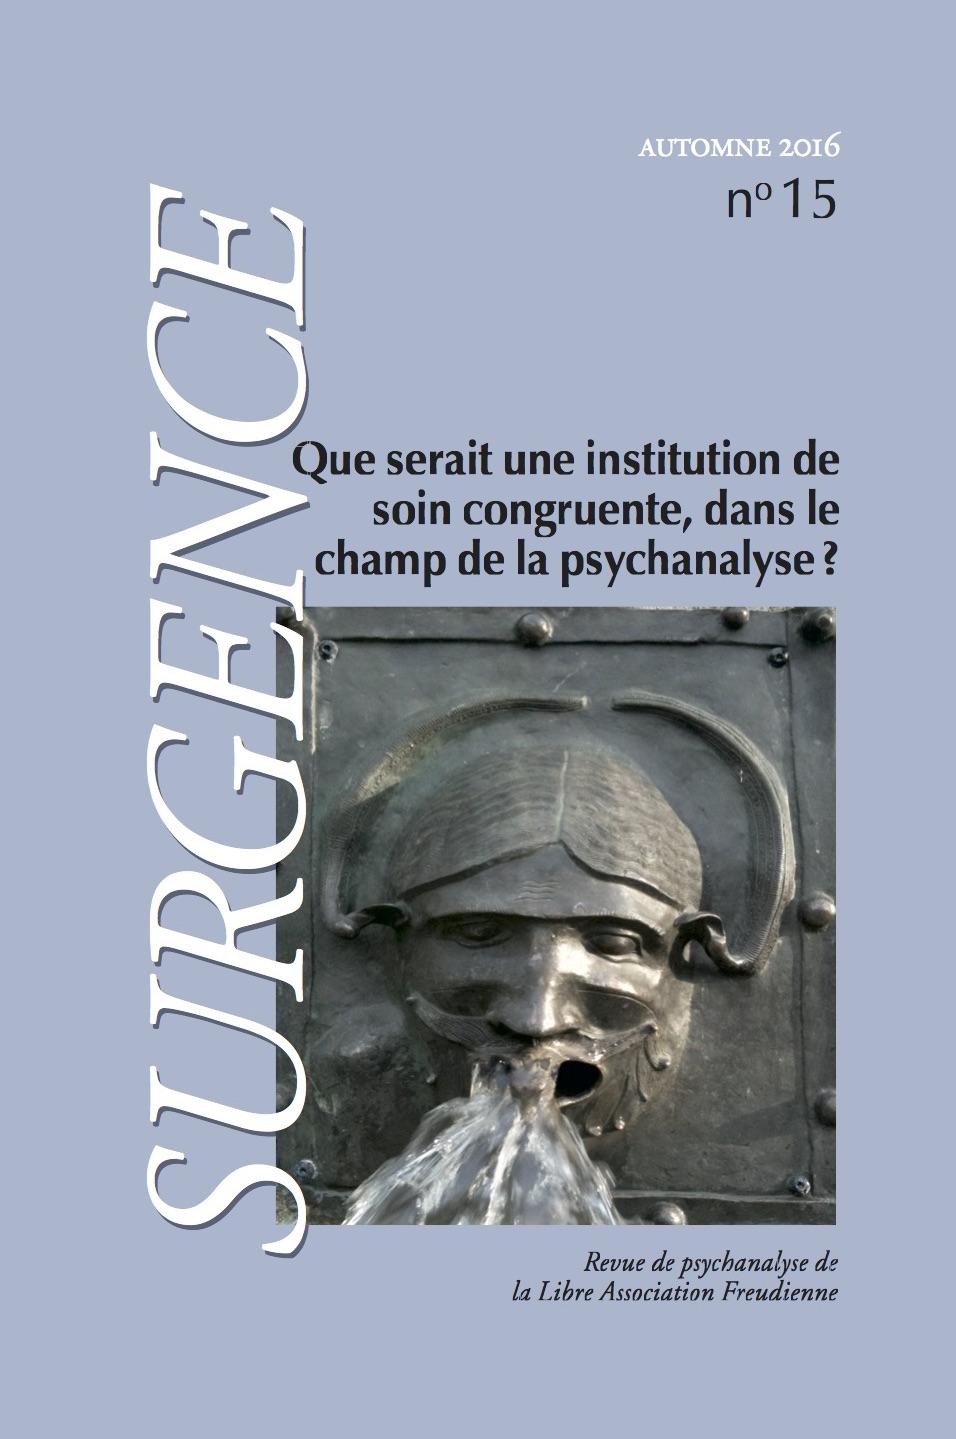 Que serait une institution de soin congruente dans le champ de la psychanalyse